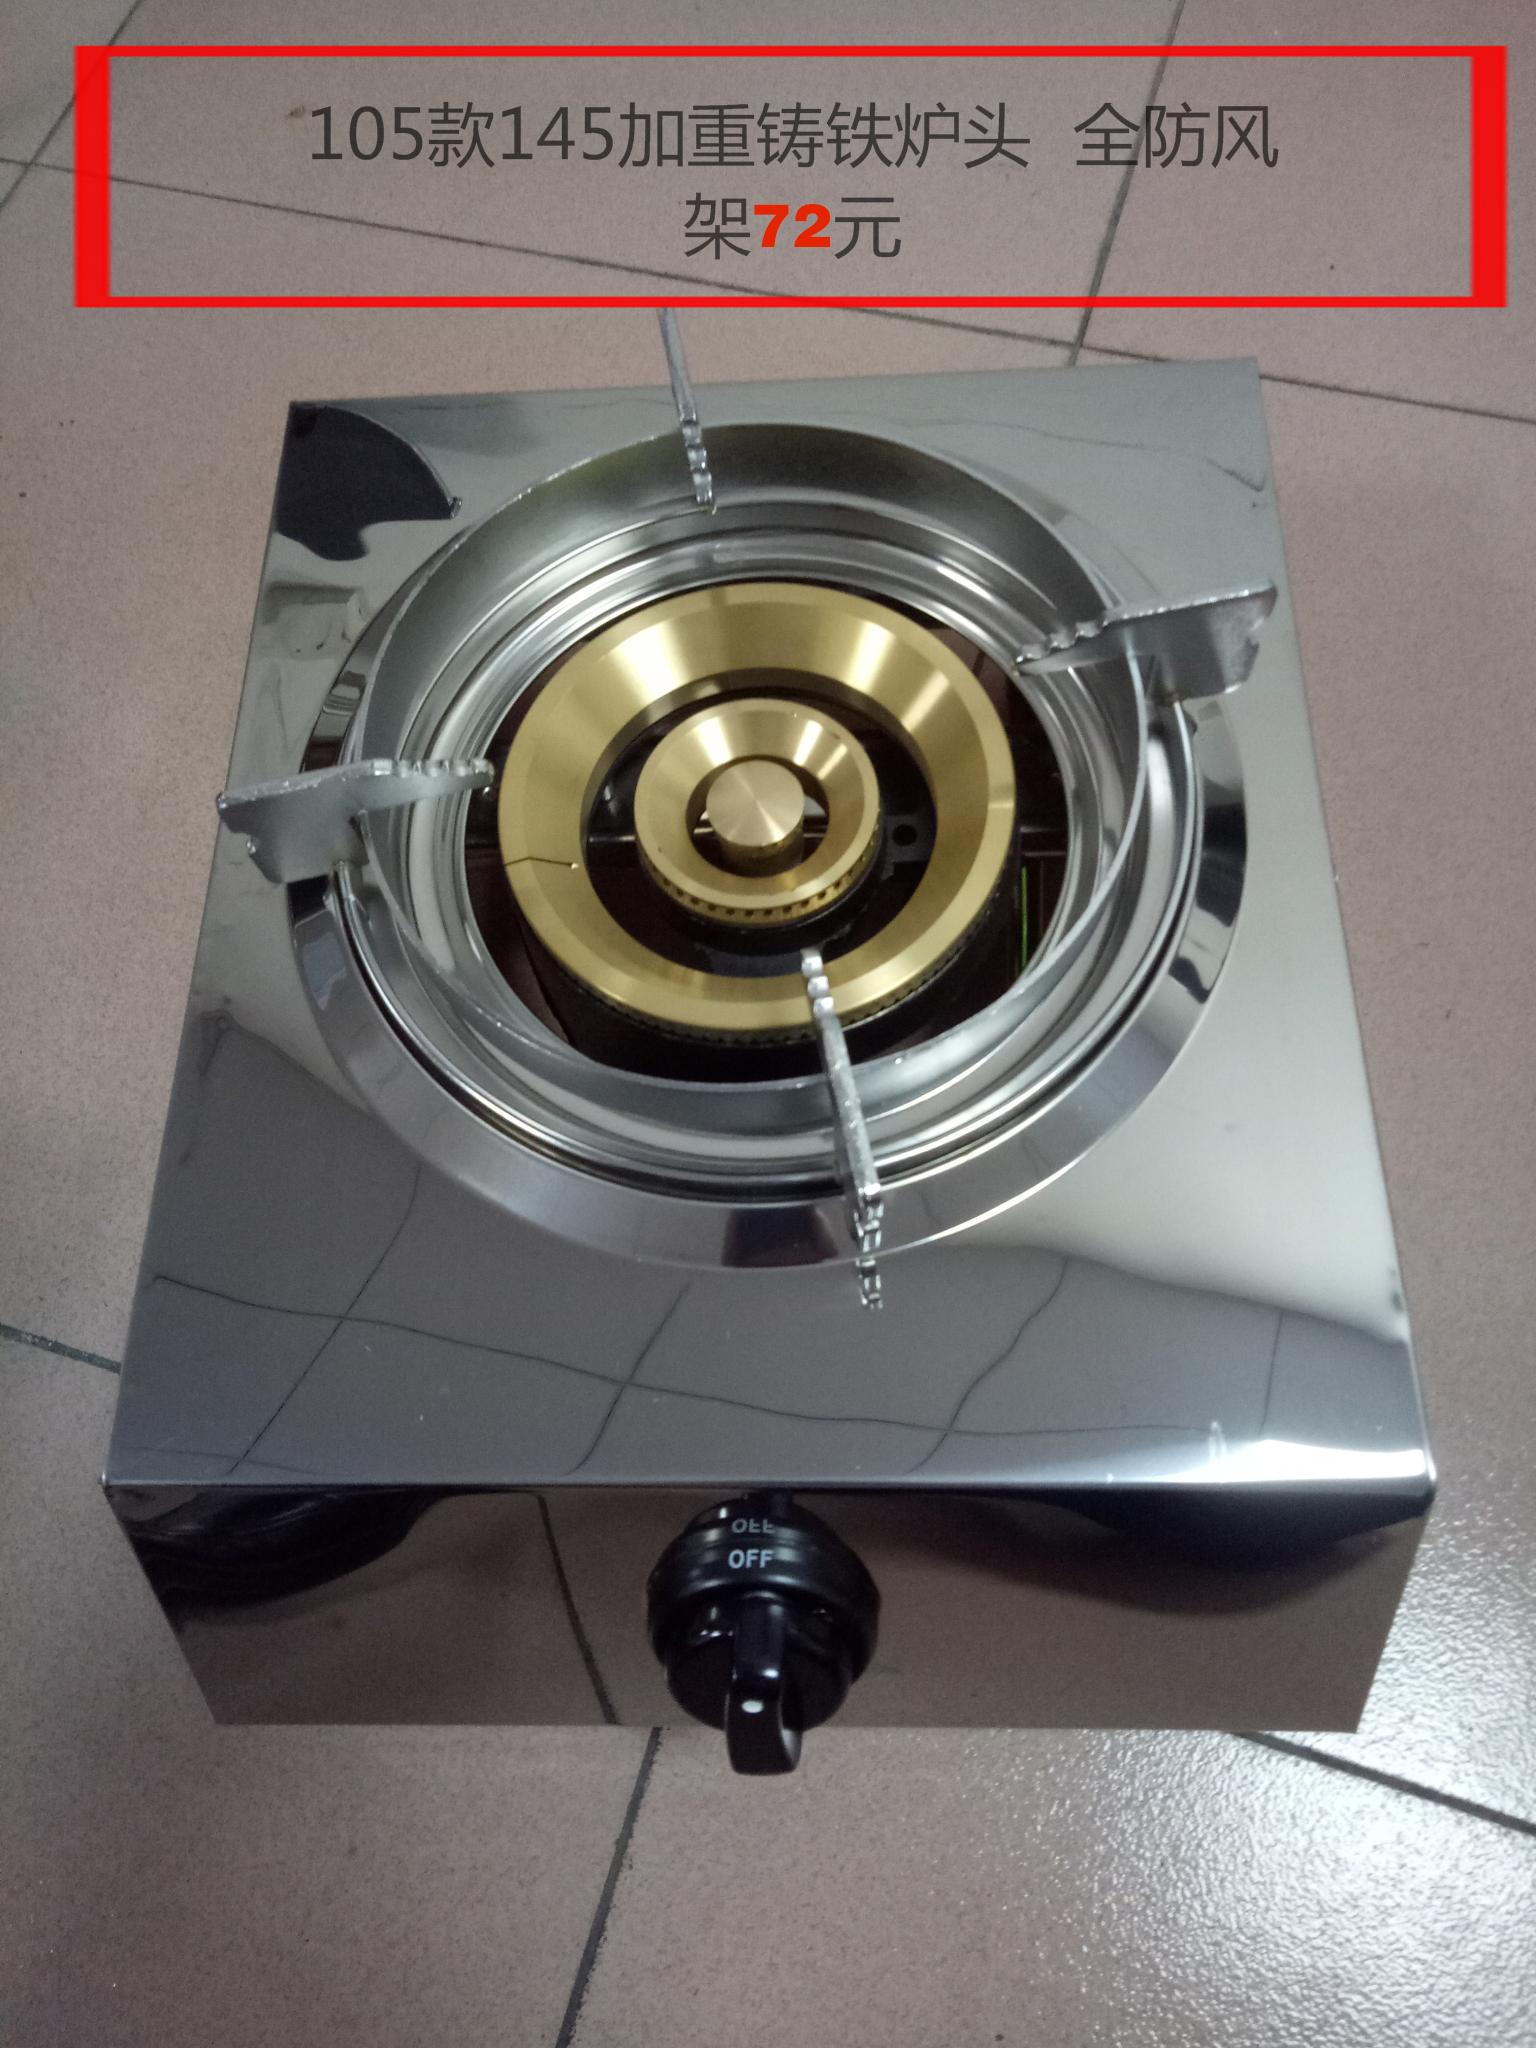 01 (4)金色直火燃气炉具,台式灶具